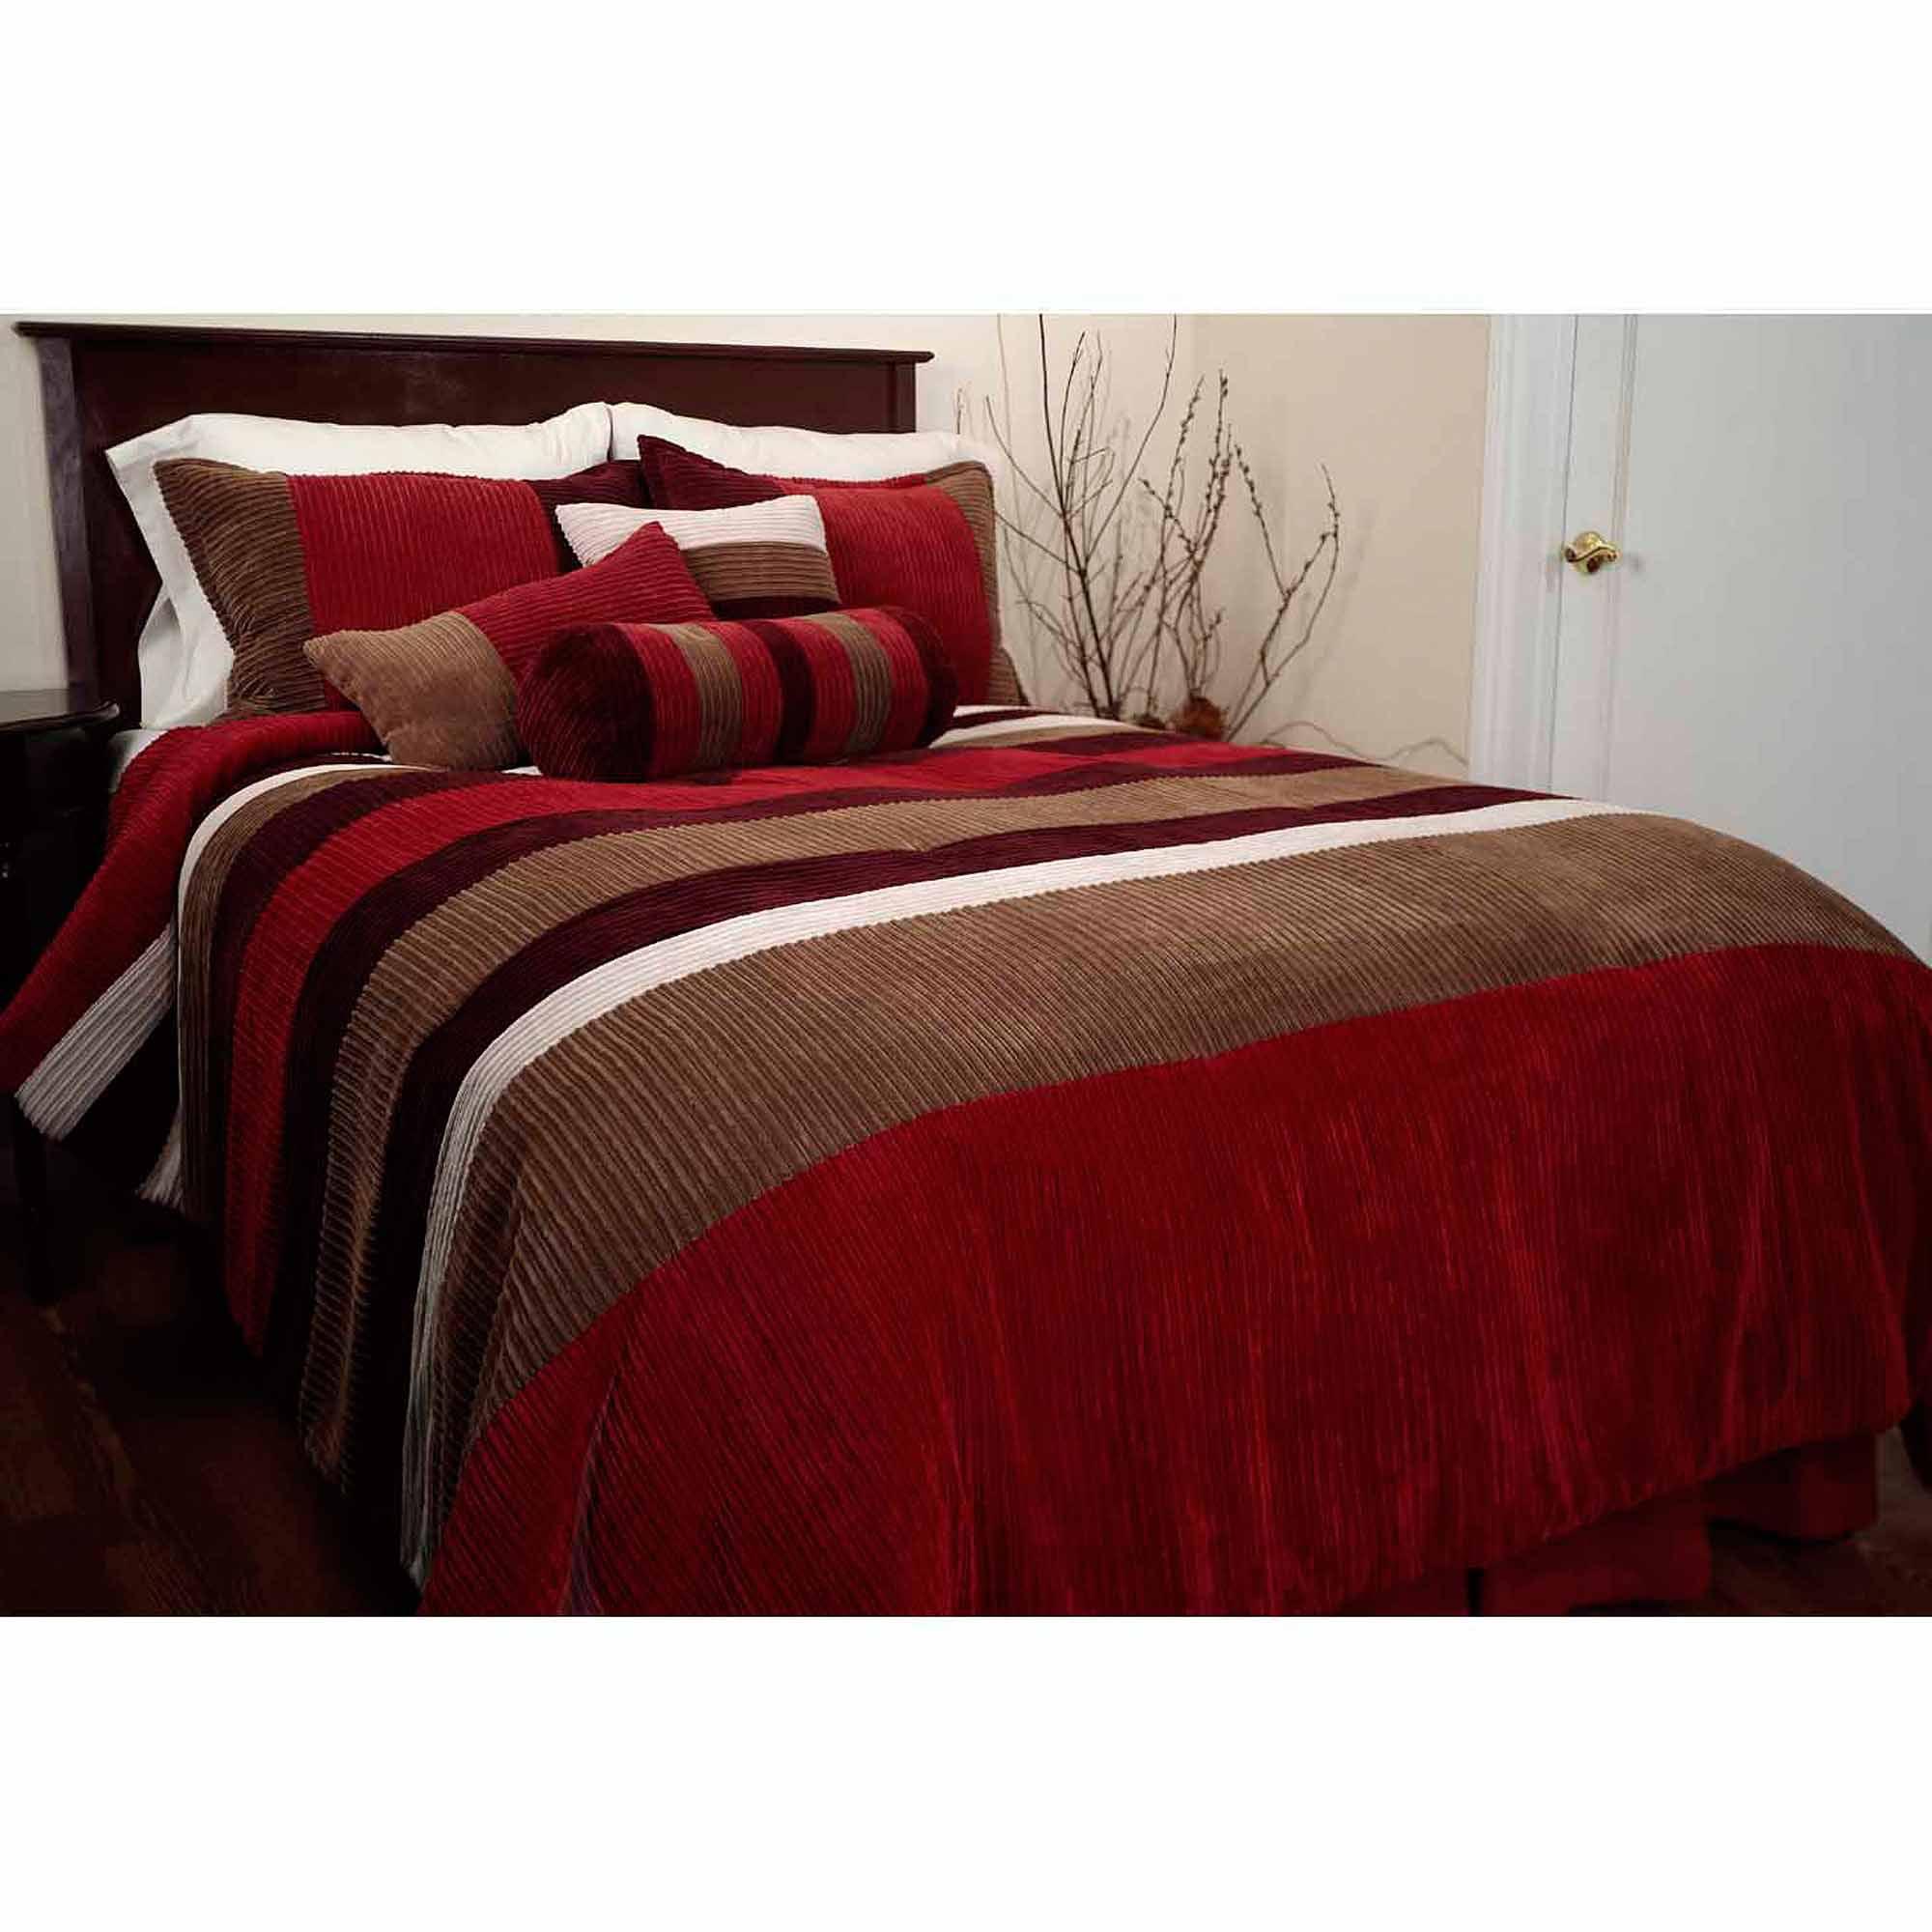 Geo 6-Piece Complete Comforter Set